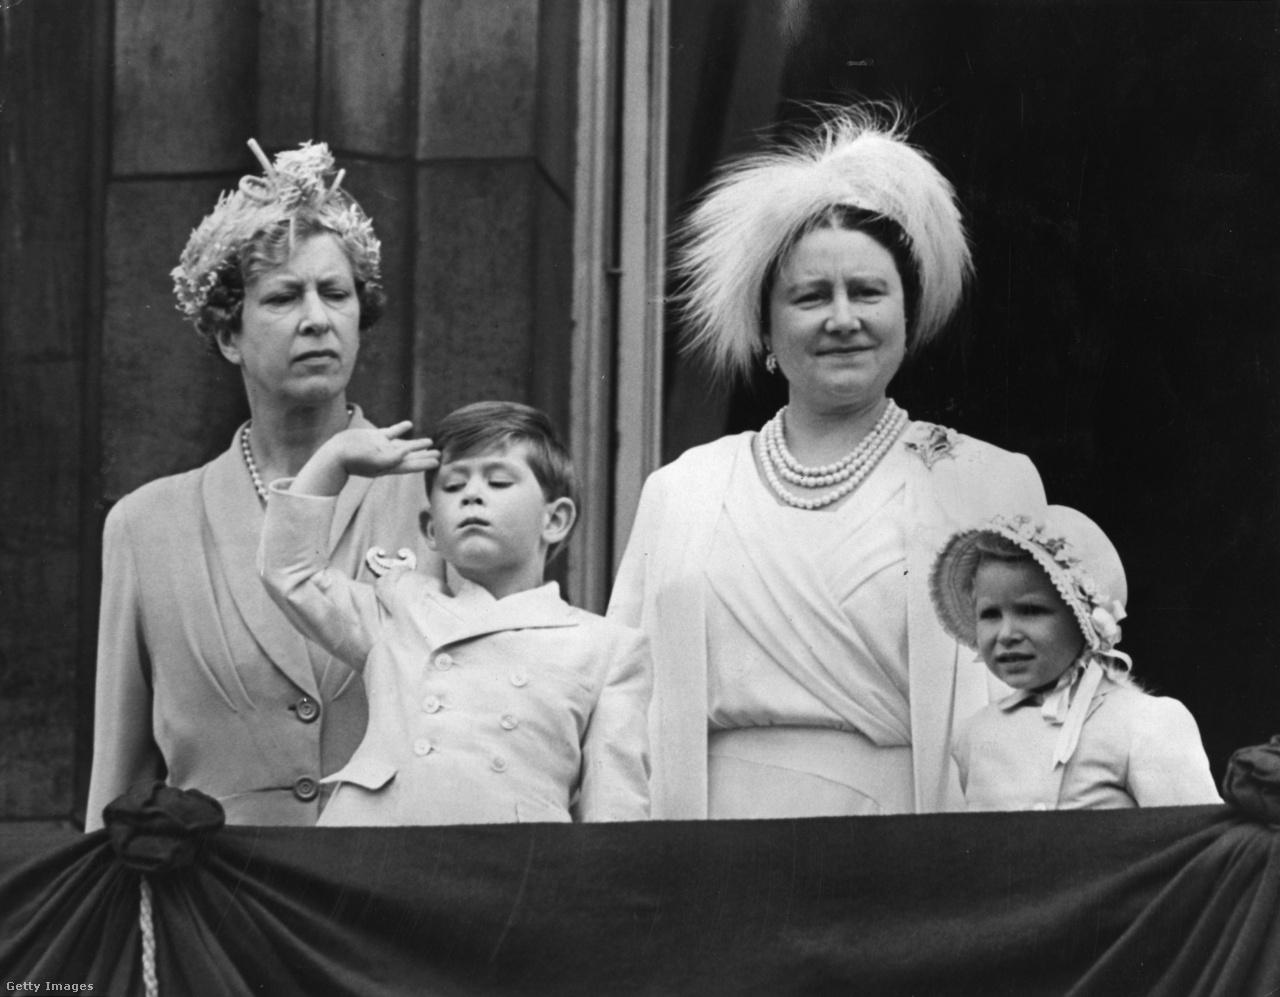 Az anyakirályné és két unokája, Károly trónörökös és Anna hercegnő 1953. június 11-én a Buckingham-palota erkélyén, balra Mária királyi hercegnő, a Princess Royal, V. György király lánya. Erzsébet különösen bensőséges viszonyt alakított ki unokáival. II. Erzsébetnek a fiatalon rászakadt uralkodói feladatok miatt kevés ideje maradt a gyerekekre. A koronázása után, 1953 novemberében hét hónapos világkörüli útra indult férjével, amelynek során 13 országot látogattak meg. Távollétében az anyakirályné látta el a reprezentációs feladatokat és nevelte az unokákat egészen 1954 májusáig.